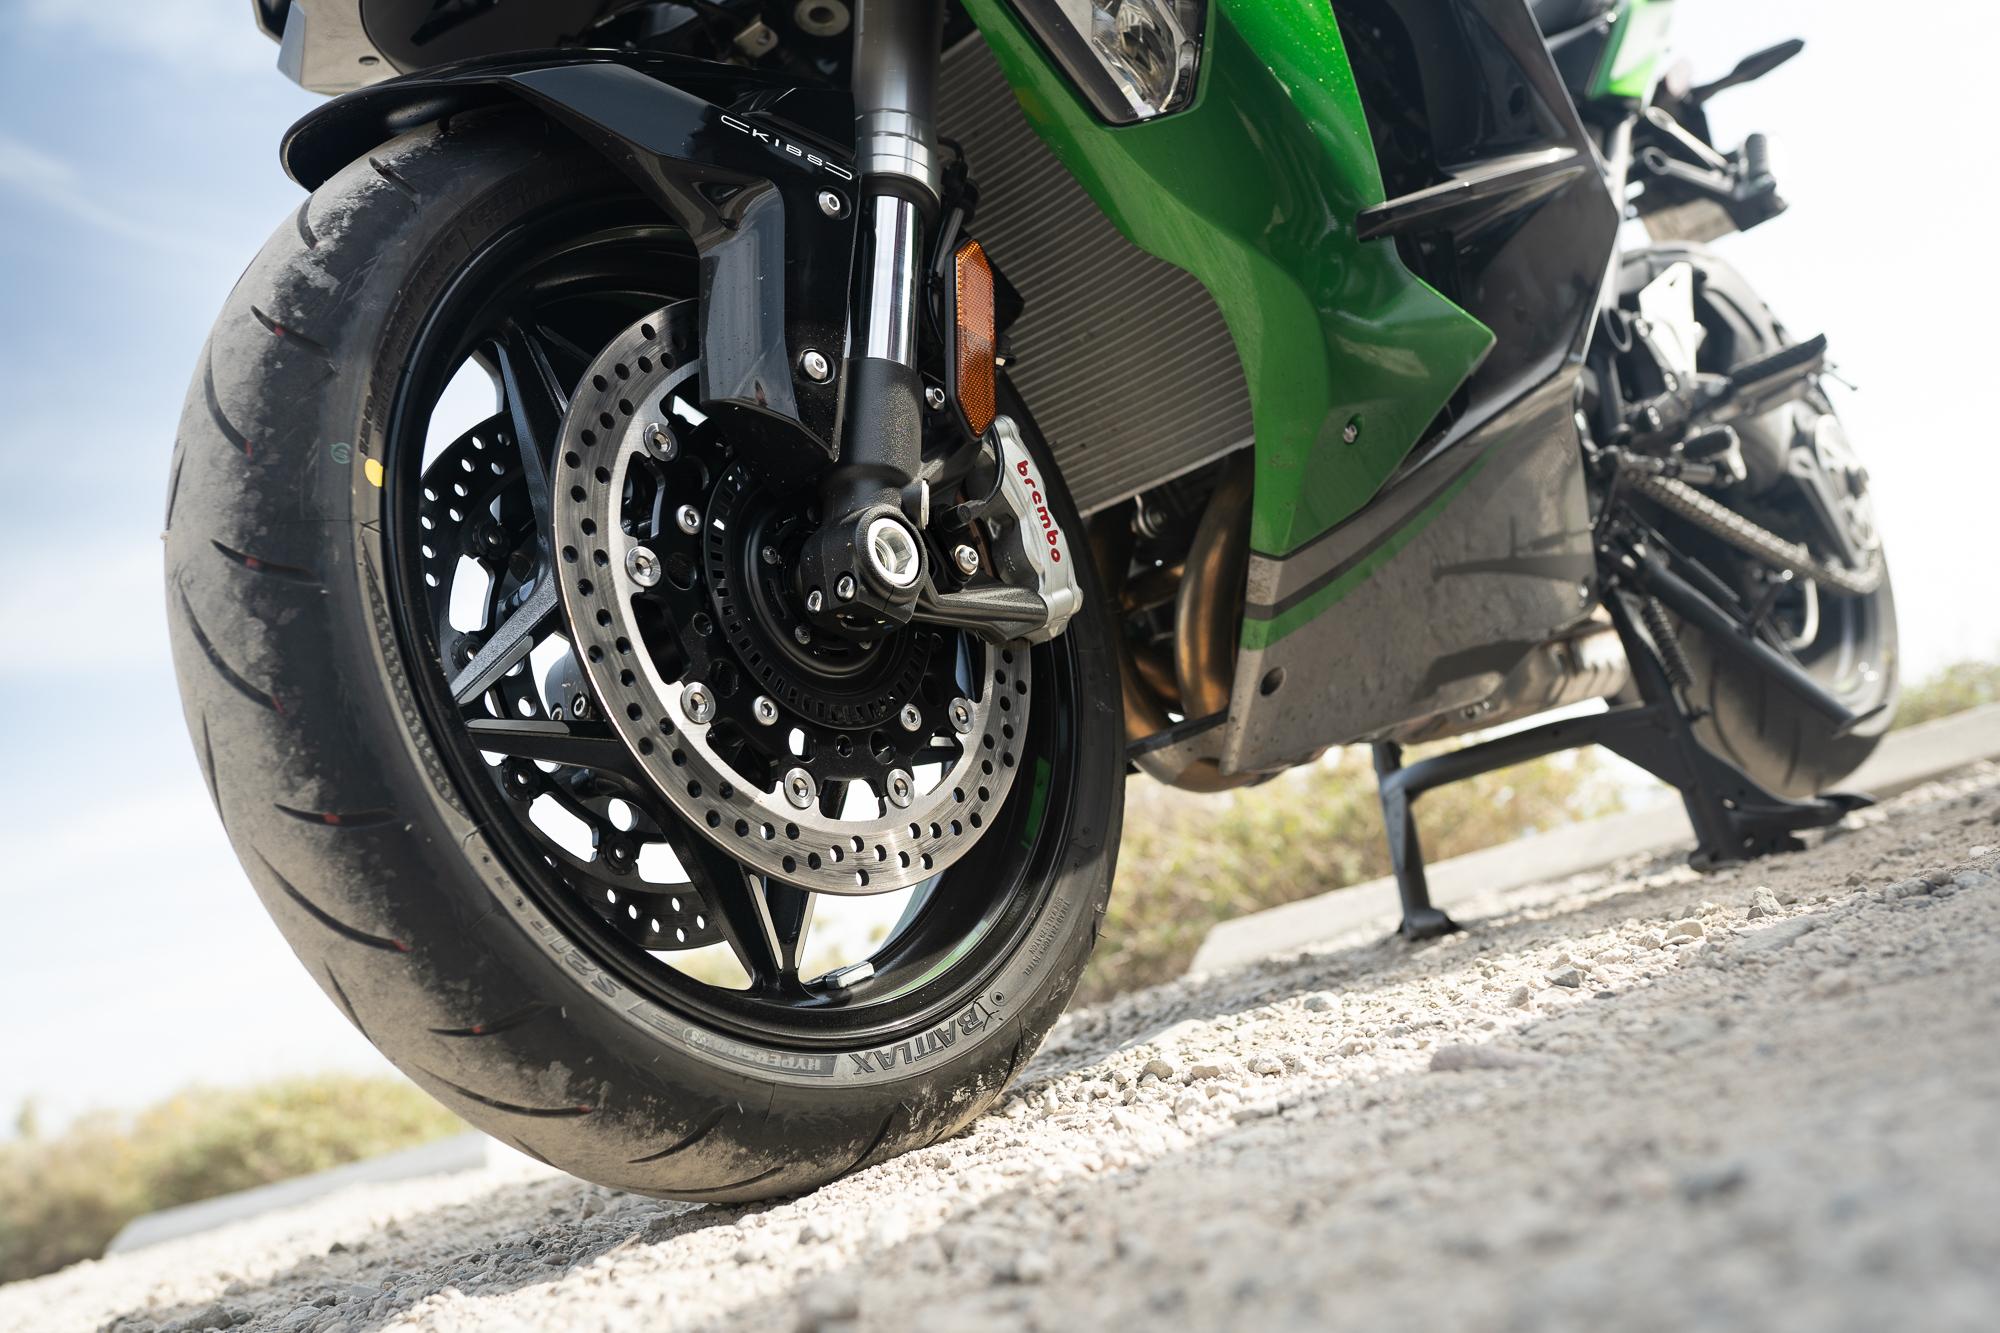 2021 Kawasaki H2 SX-SE front wheel